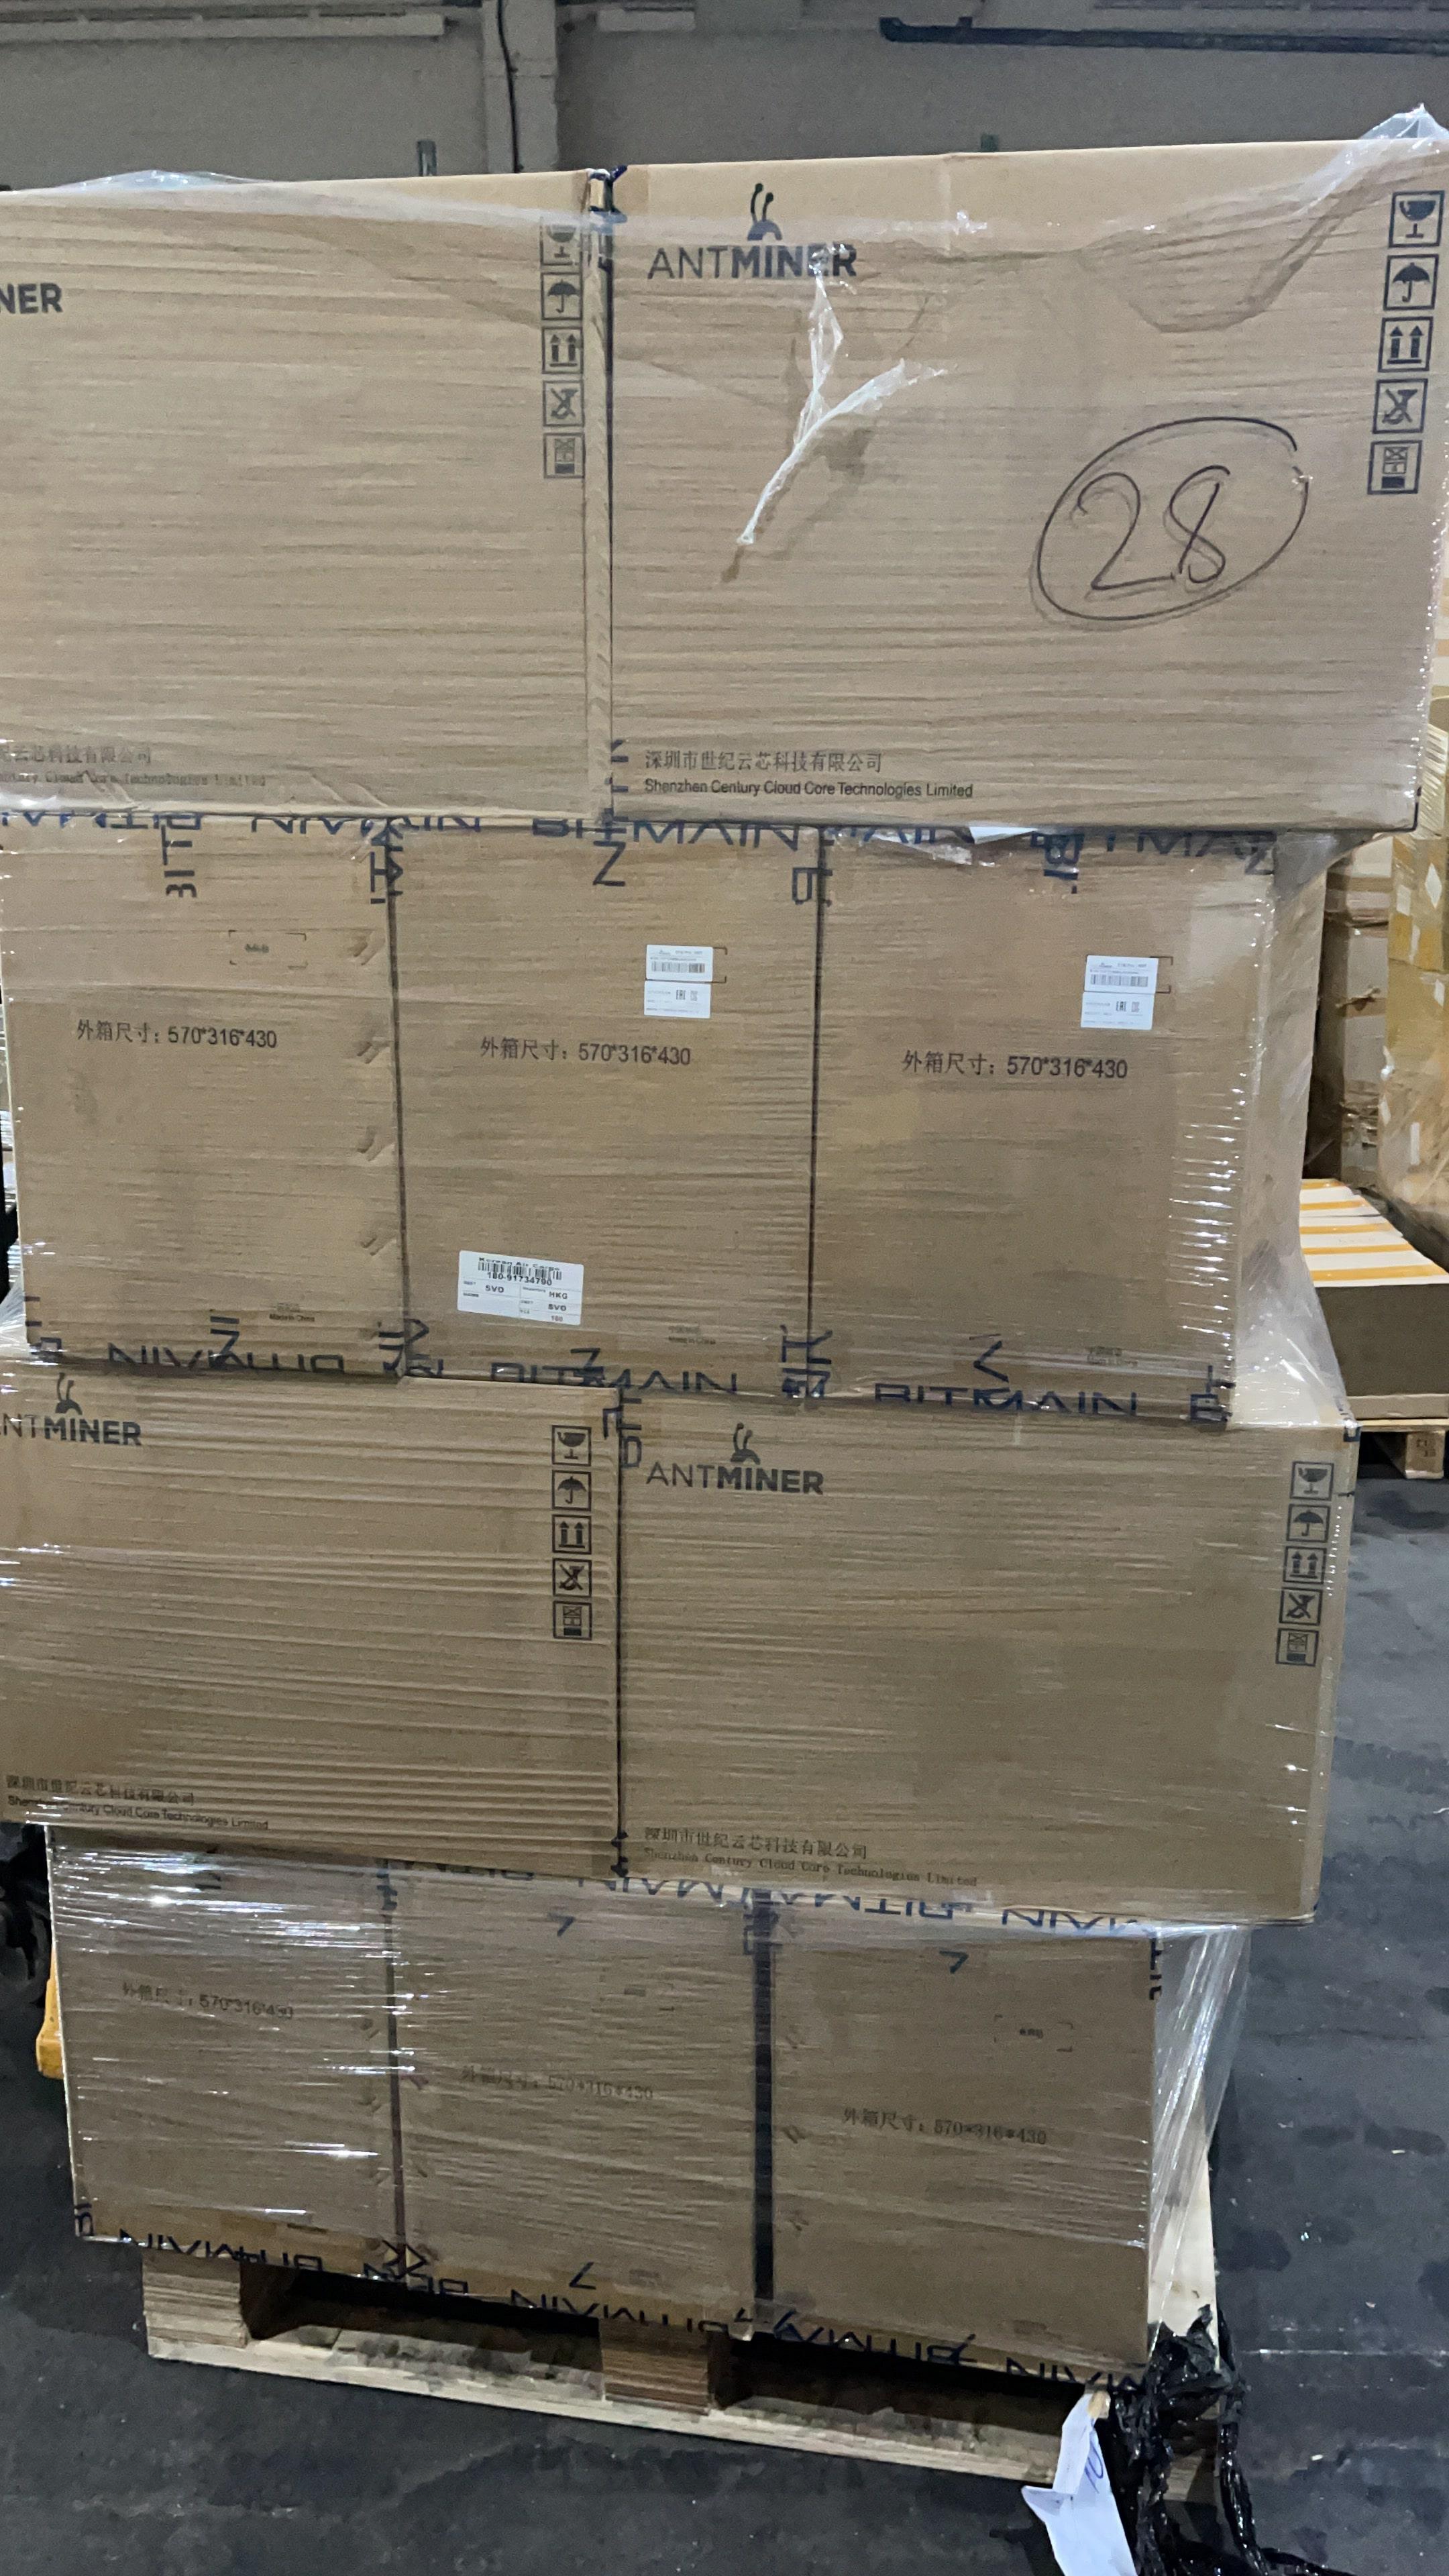 67FAE230 BA60 4D10 8E52 F5186FC8052B min